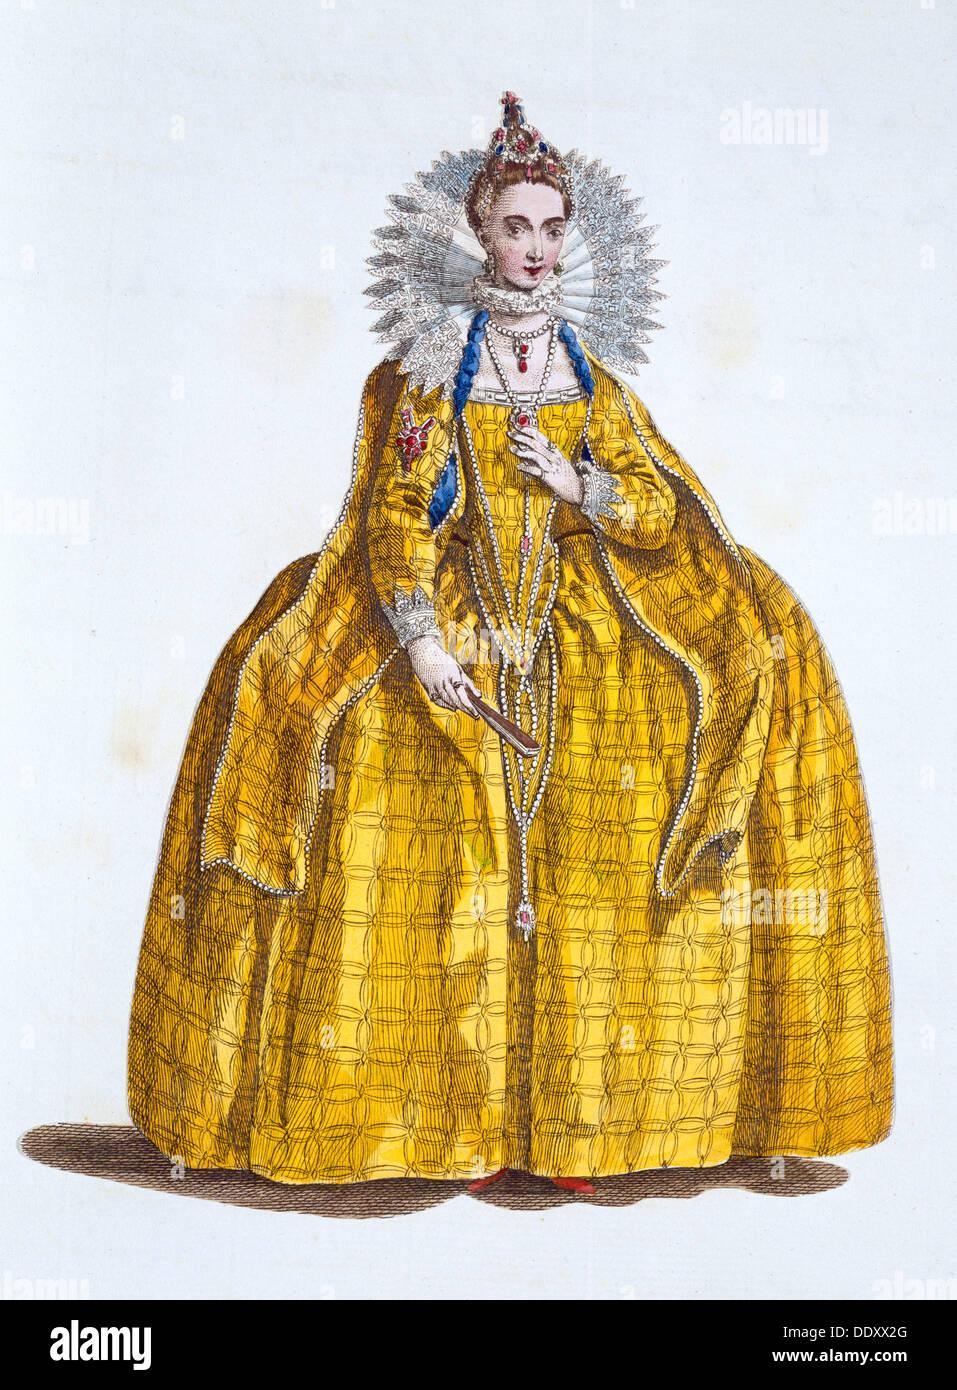 Elisabeth i., Königin von England (19. Jahrhundert). Künstler: unbekannt Stockbild